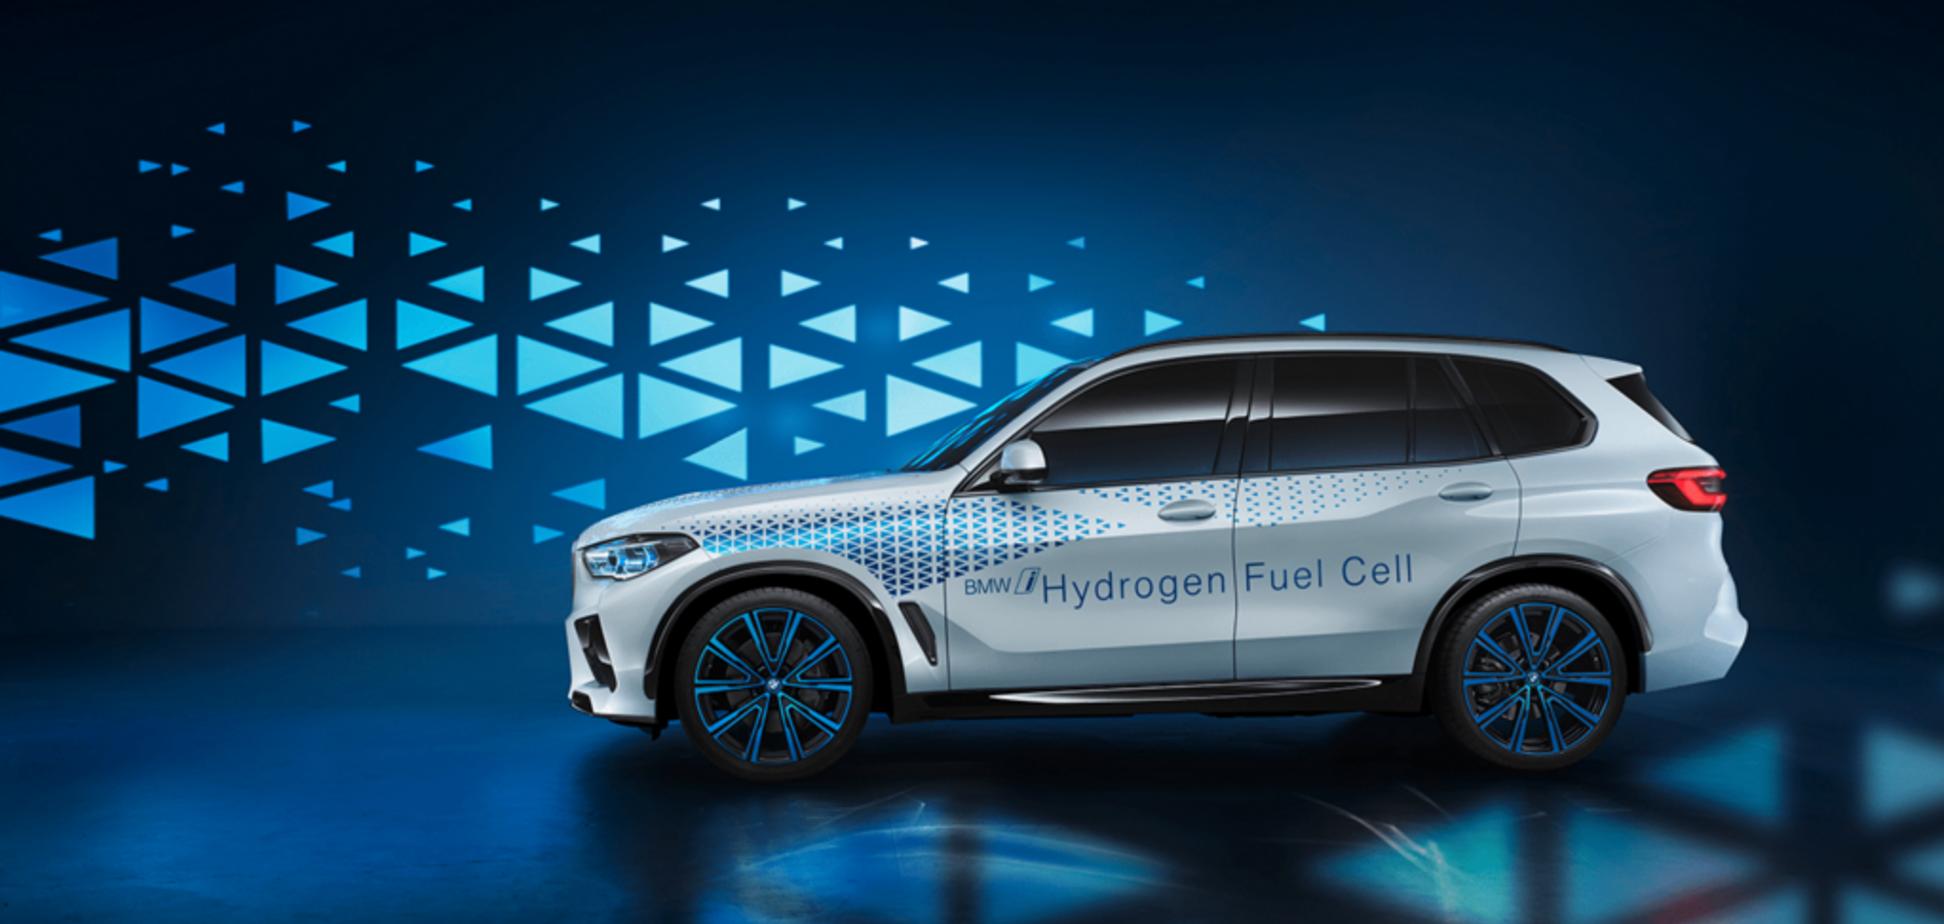 Транспорт нового поколения: BMW создаст авто на водородном топливе